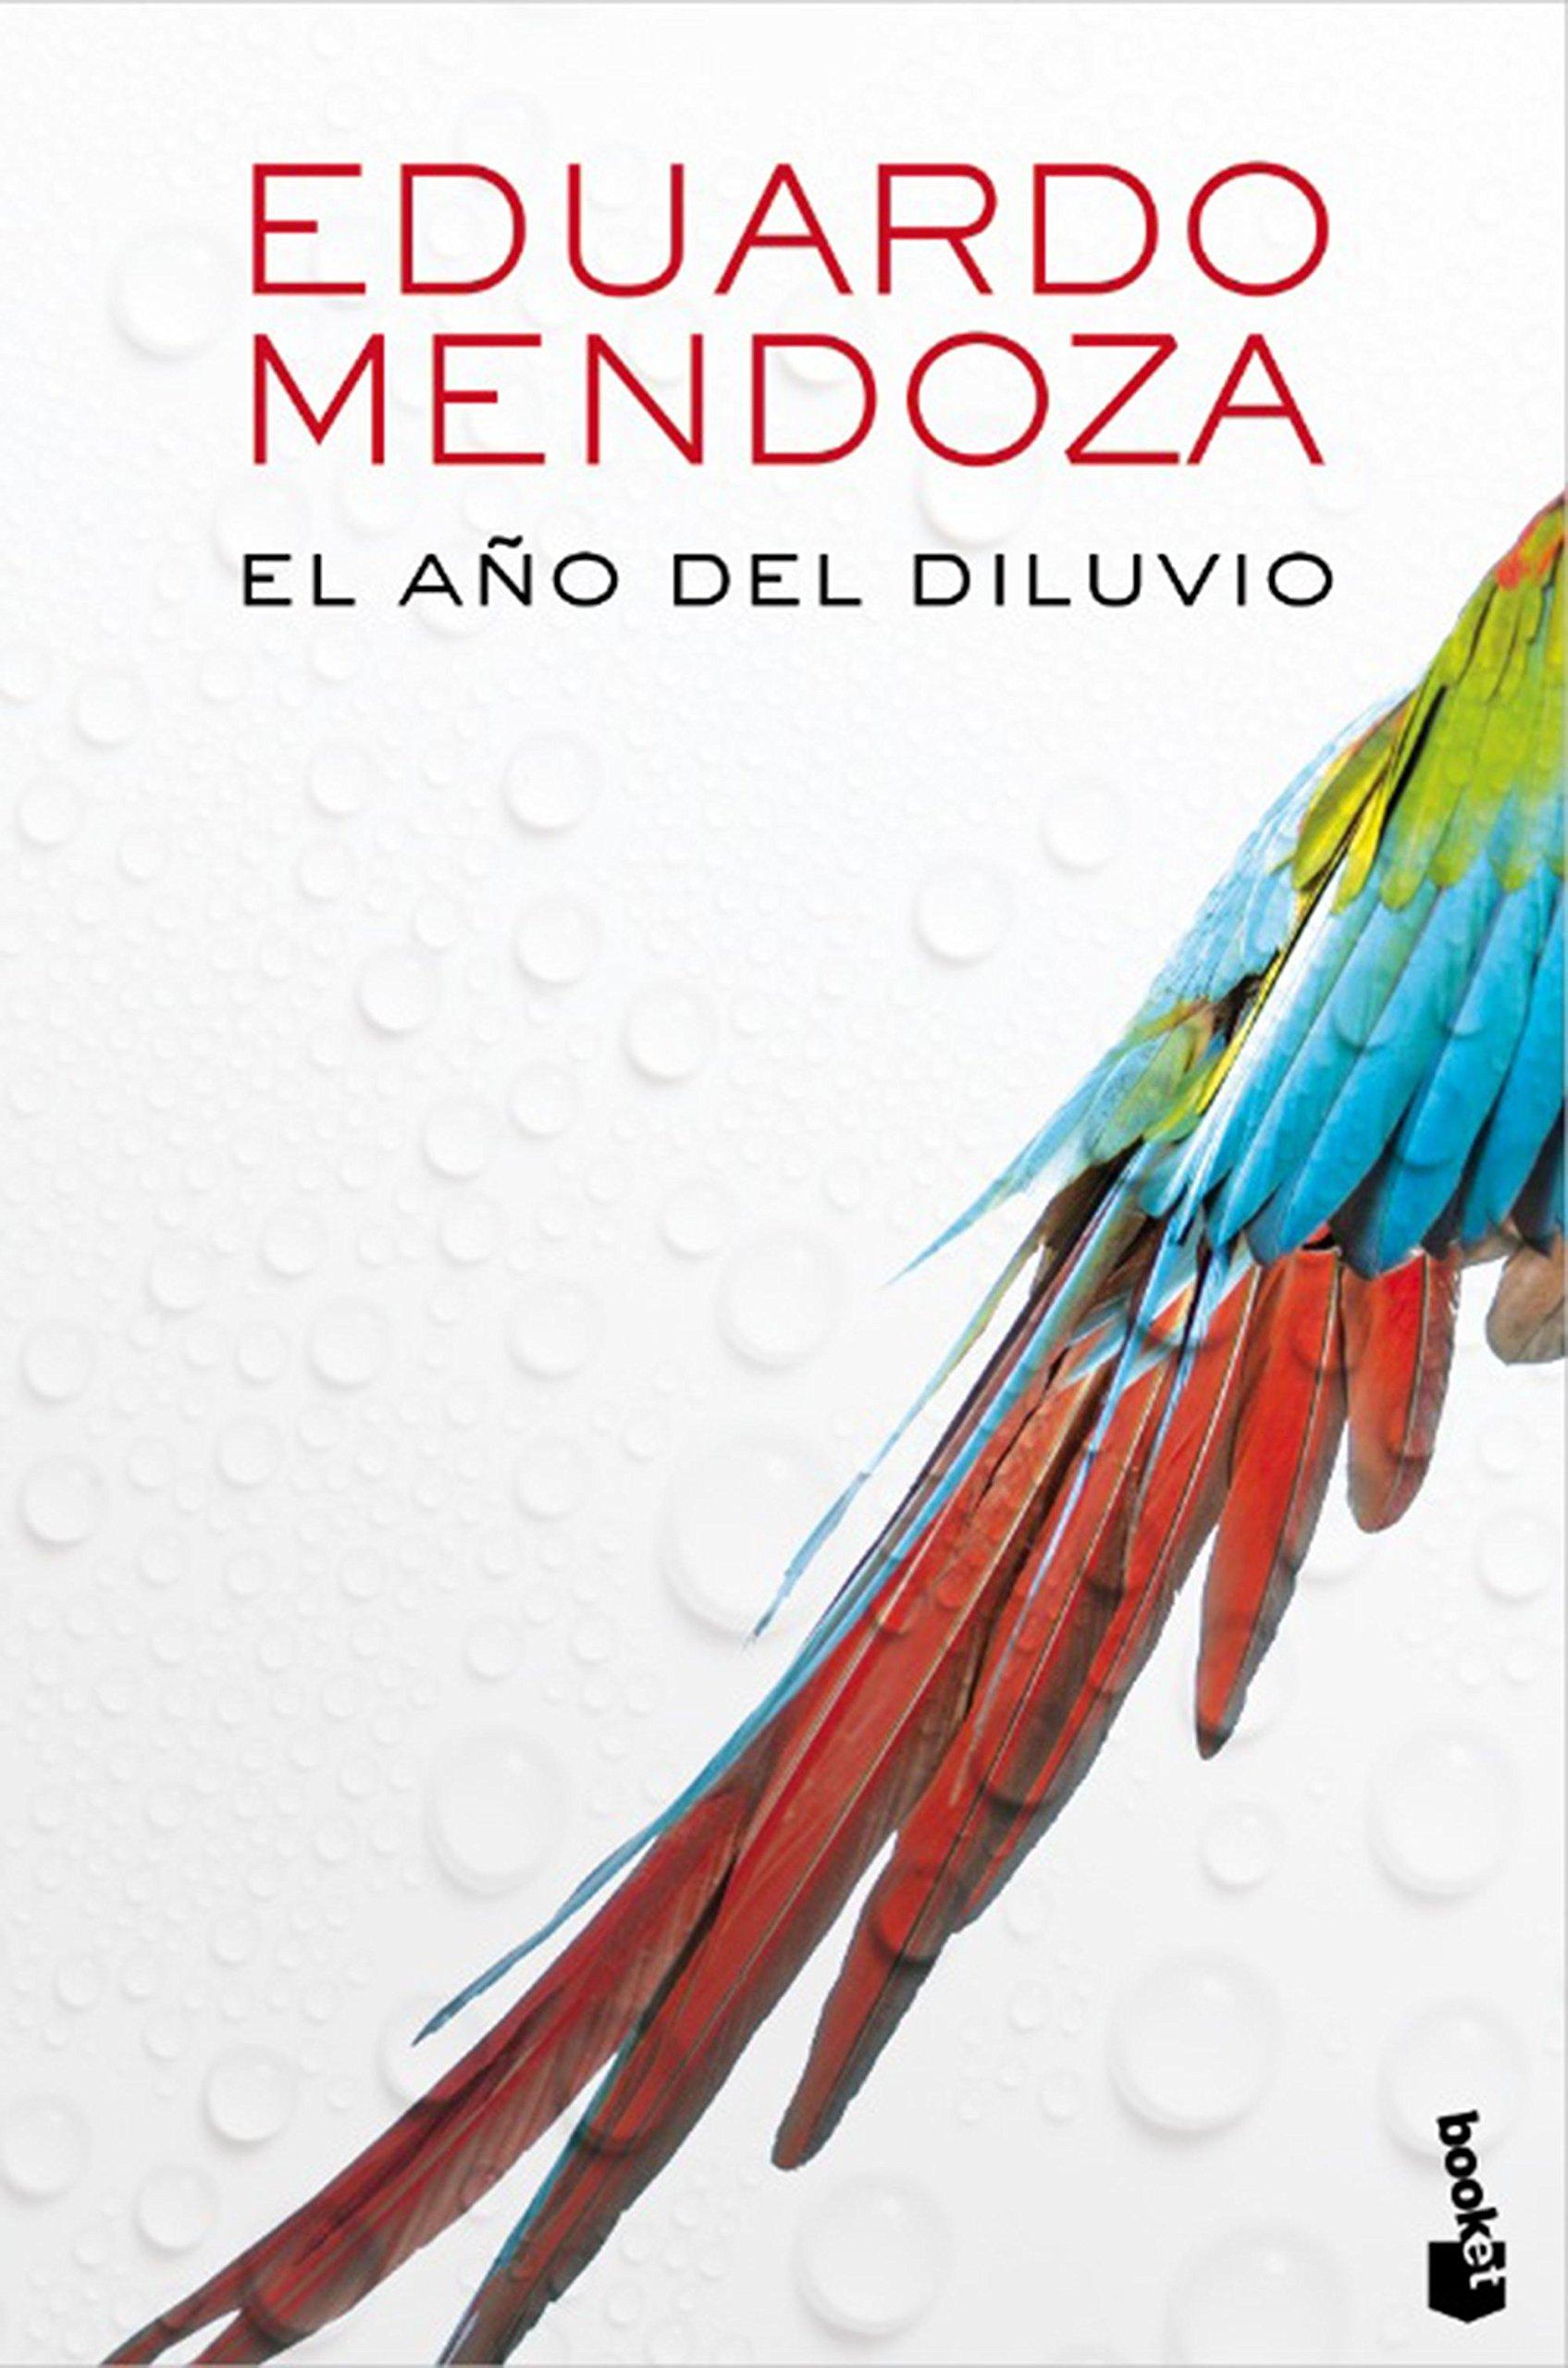 El año del diluvio (Biblioteca Eduardo Mendoza): Amazon.es: Eduardo Mendoza: Libros